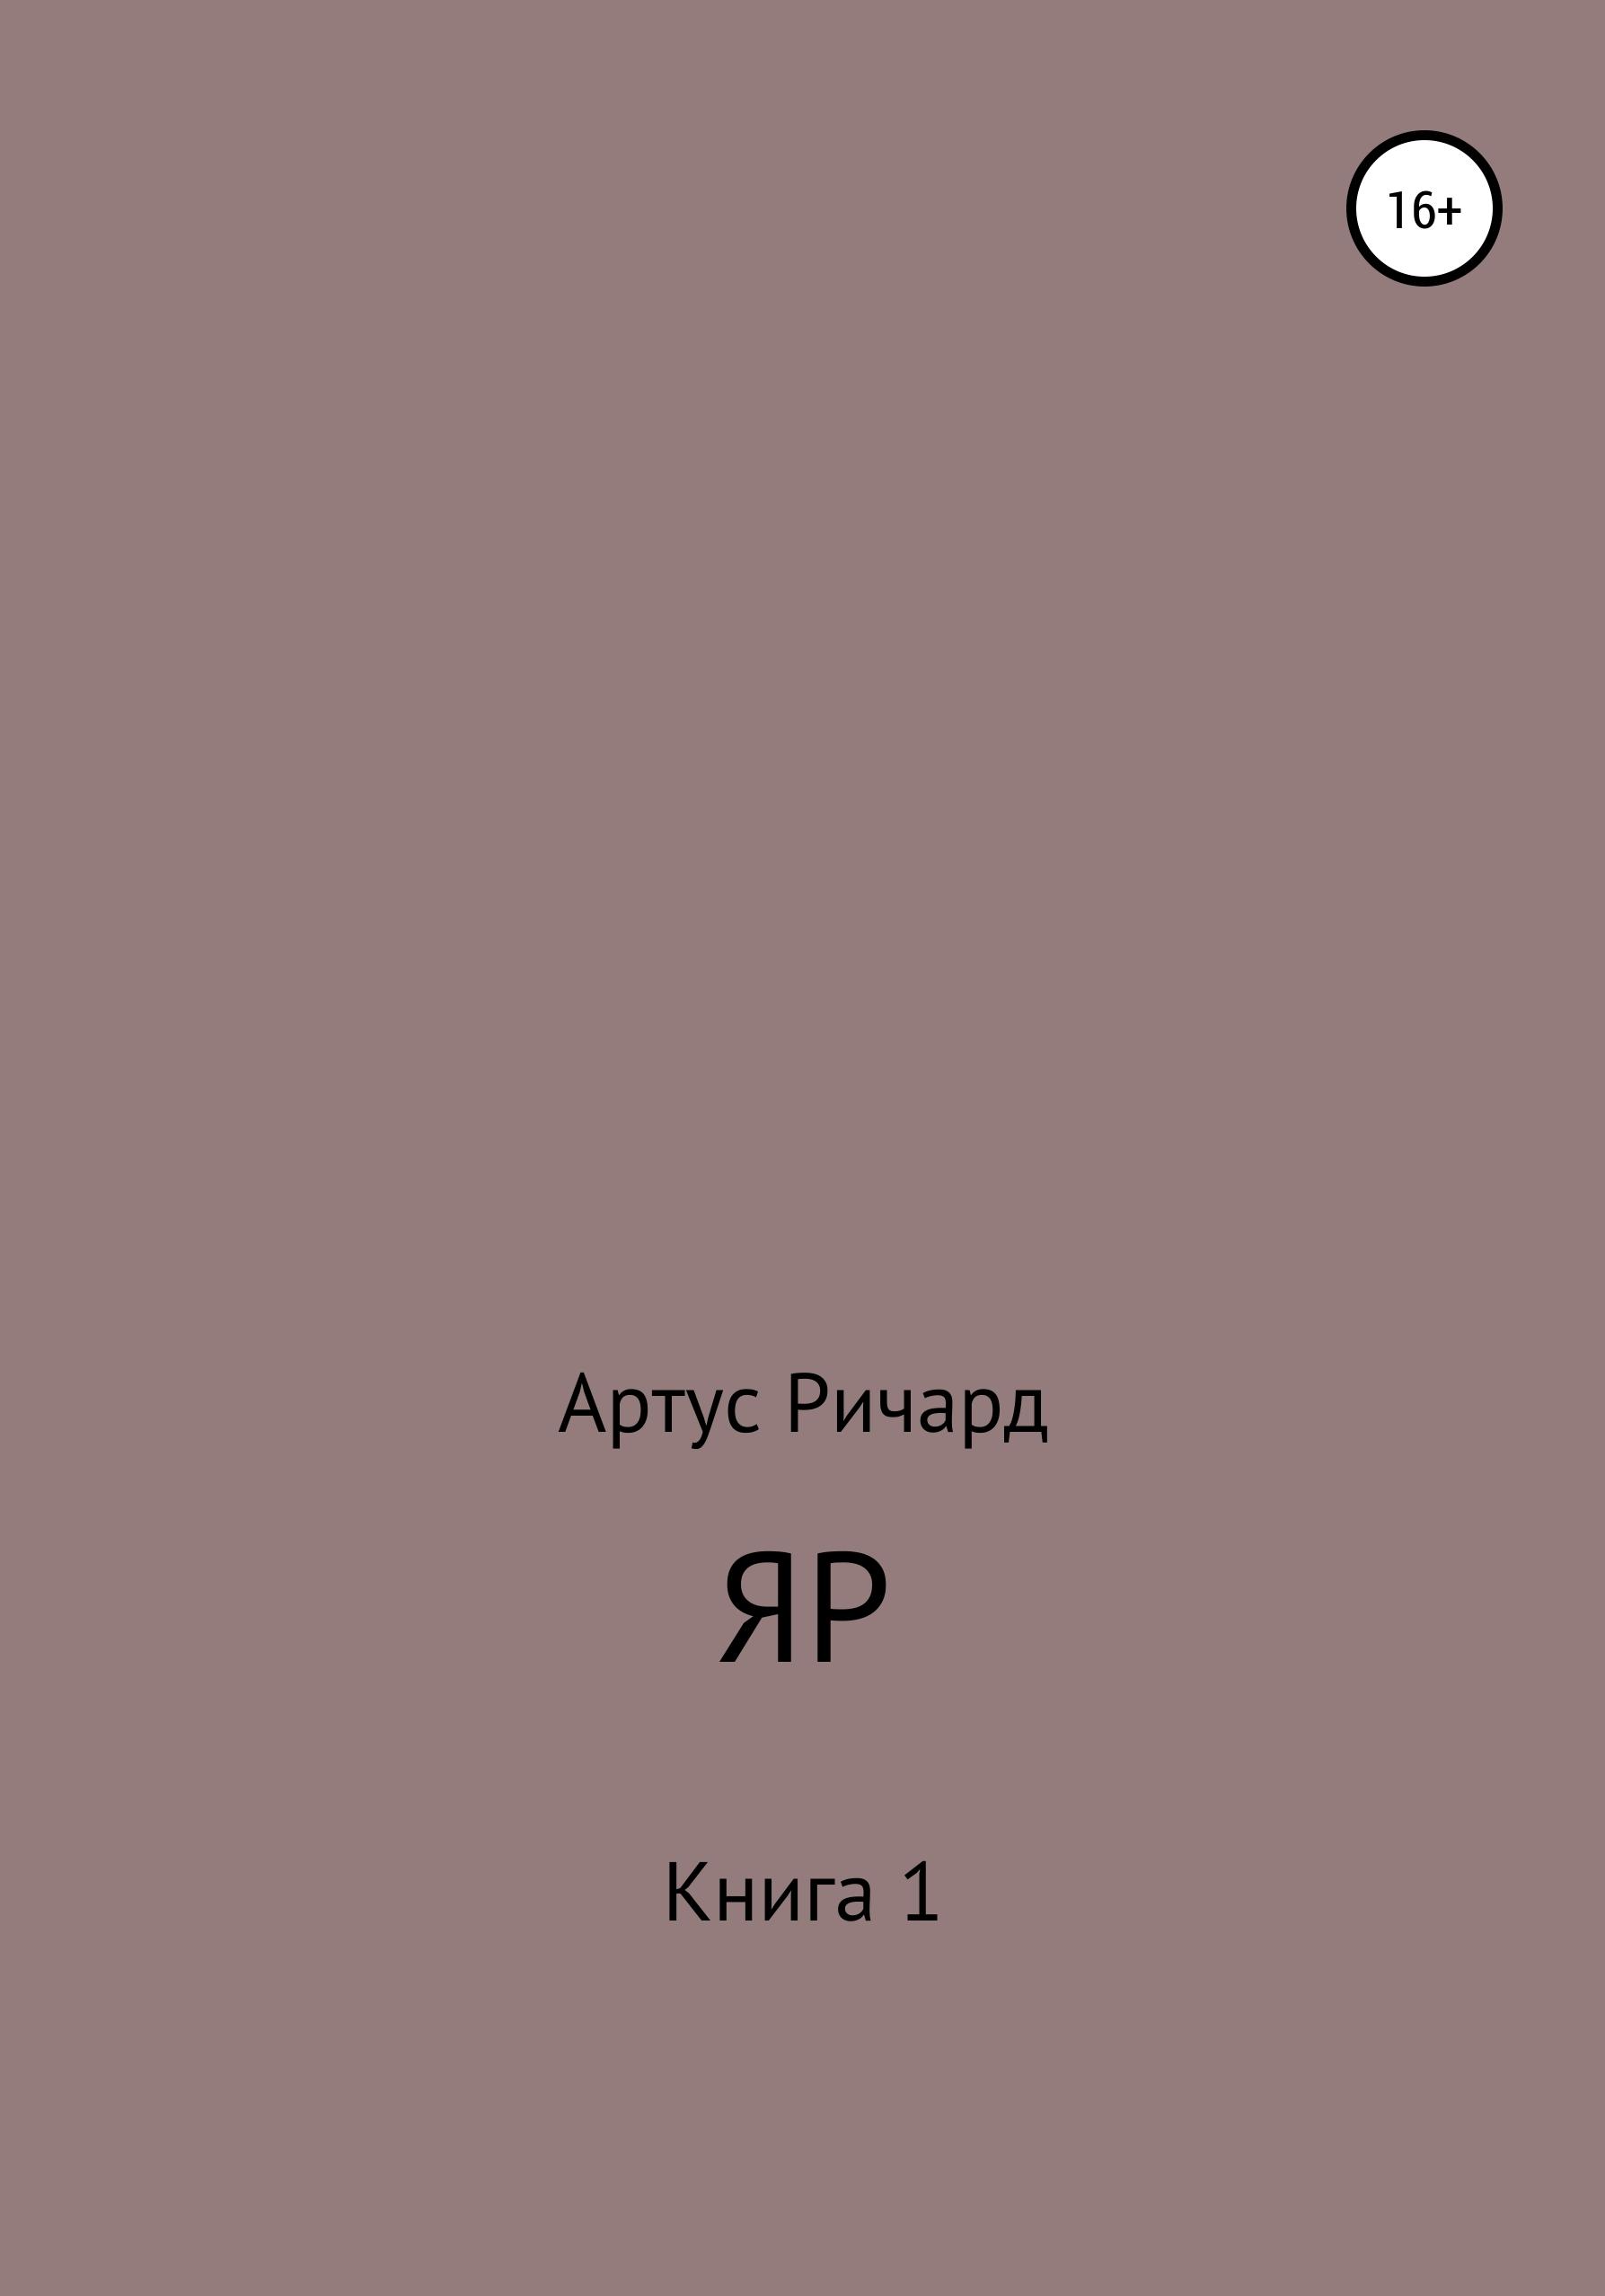 Яр. Книга 1